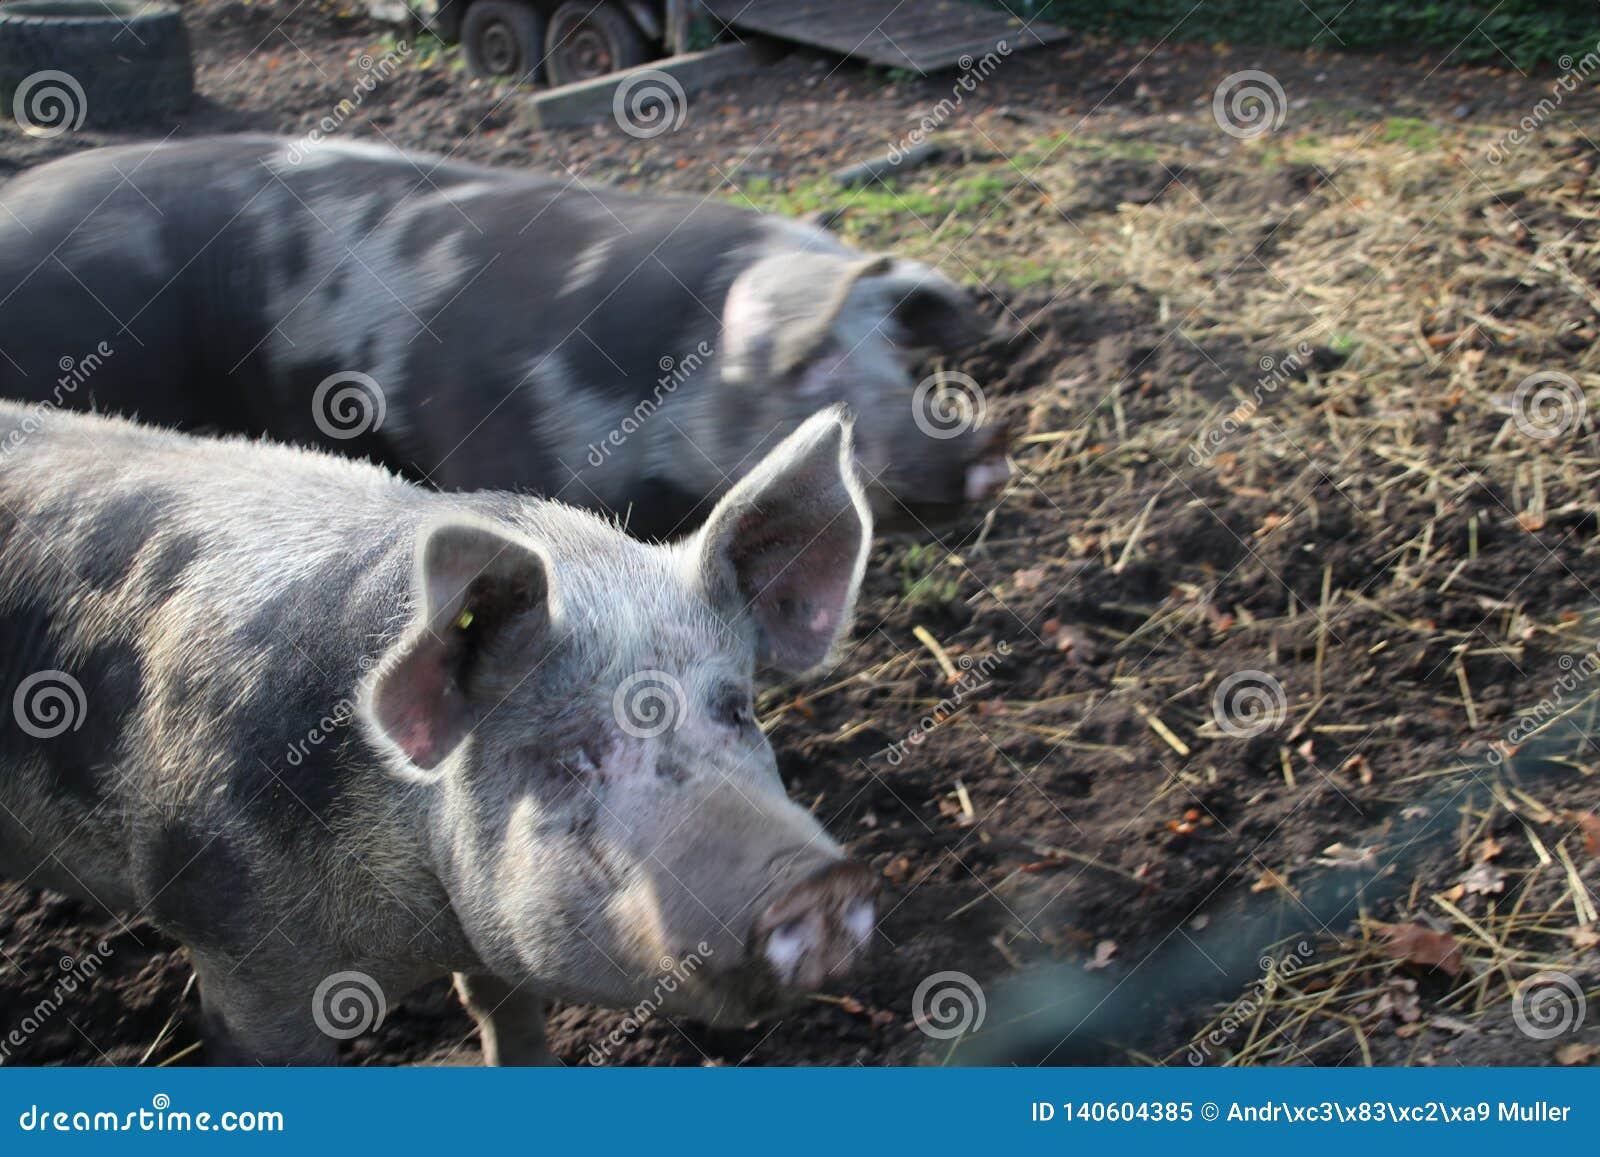 De varkens bevinden zich op modderland op een landbouwbedrijf in Oldebroek in Nederland